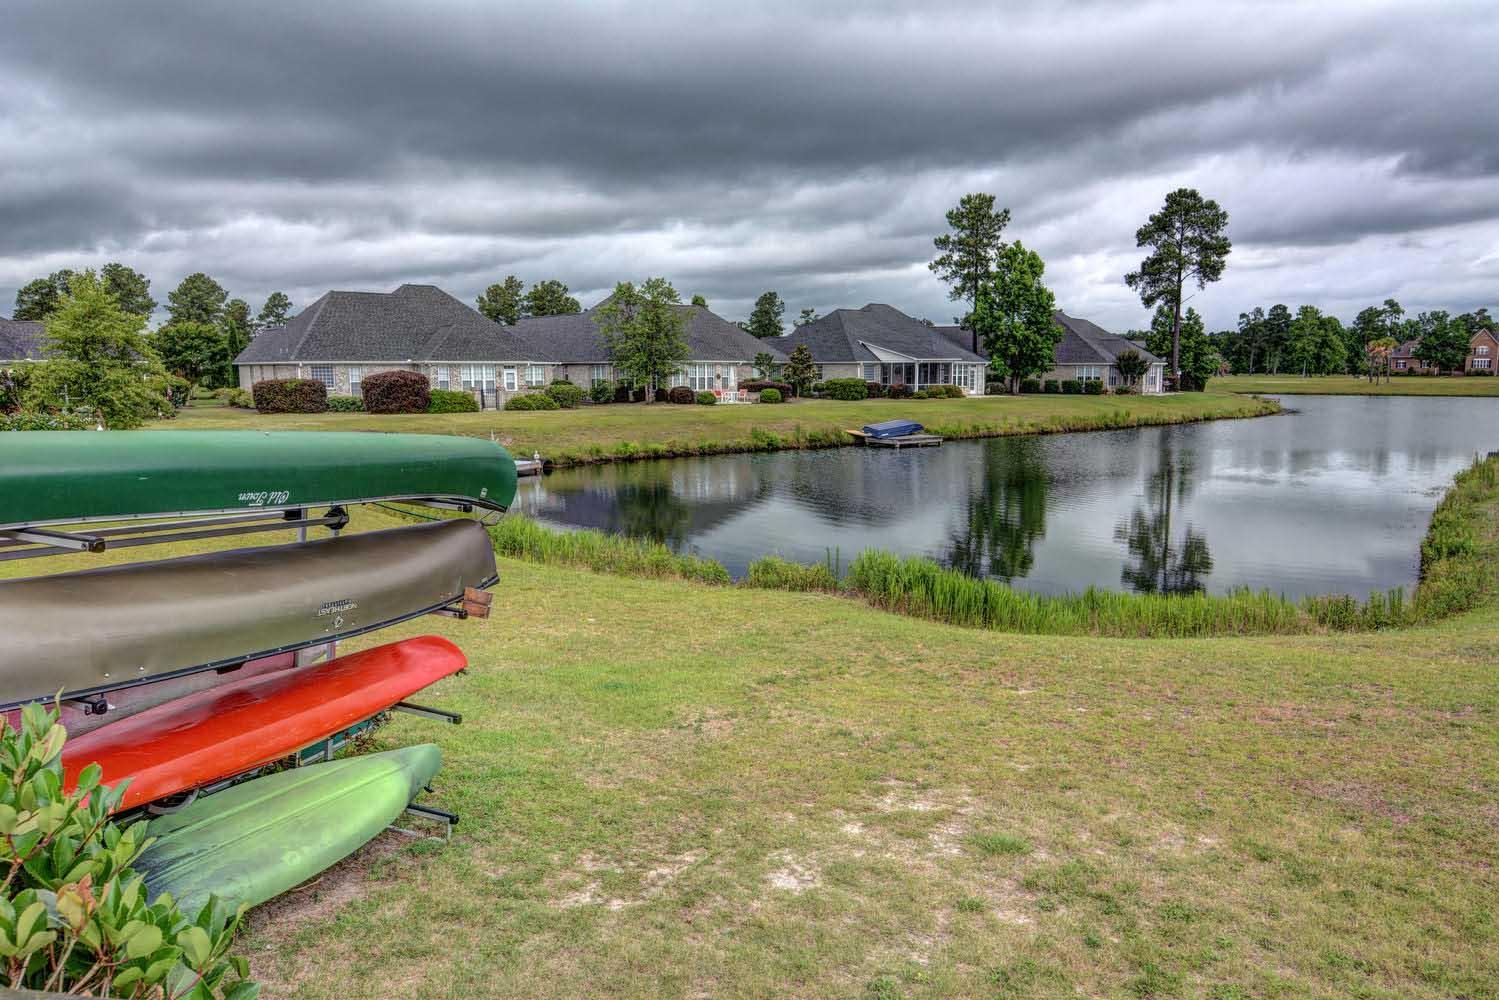 Waterford Kayak Storage